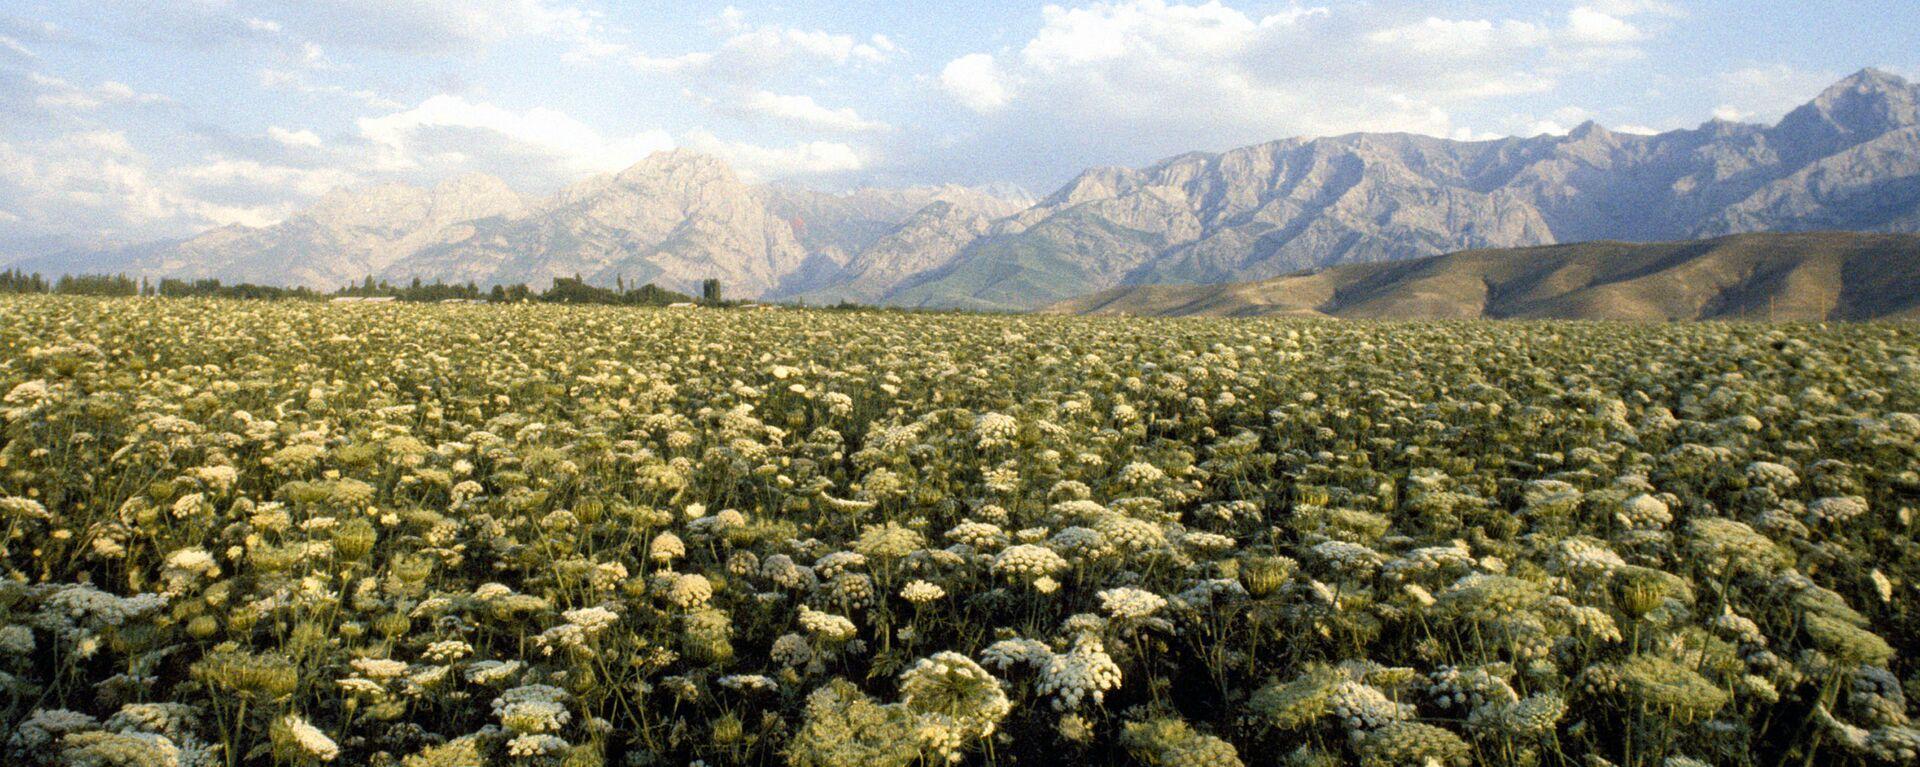 Ферганская долина в Узбекистан - Sputnik Ўзбекистон, 1920, 18.09.2021